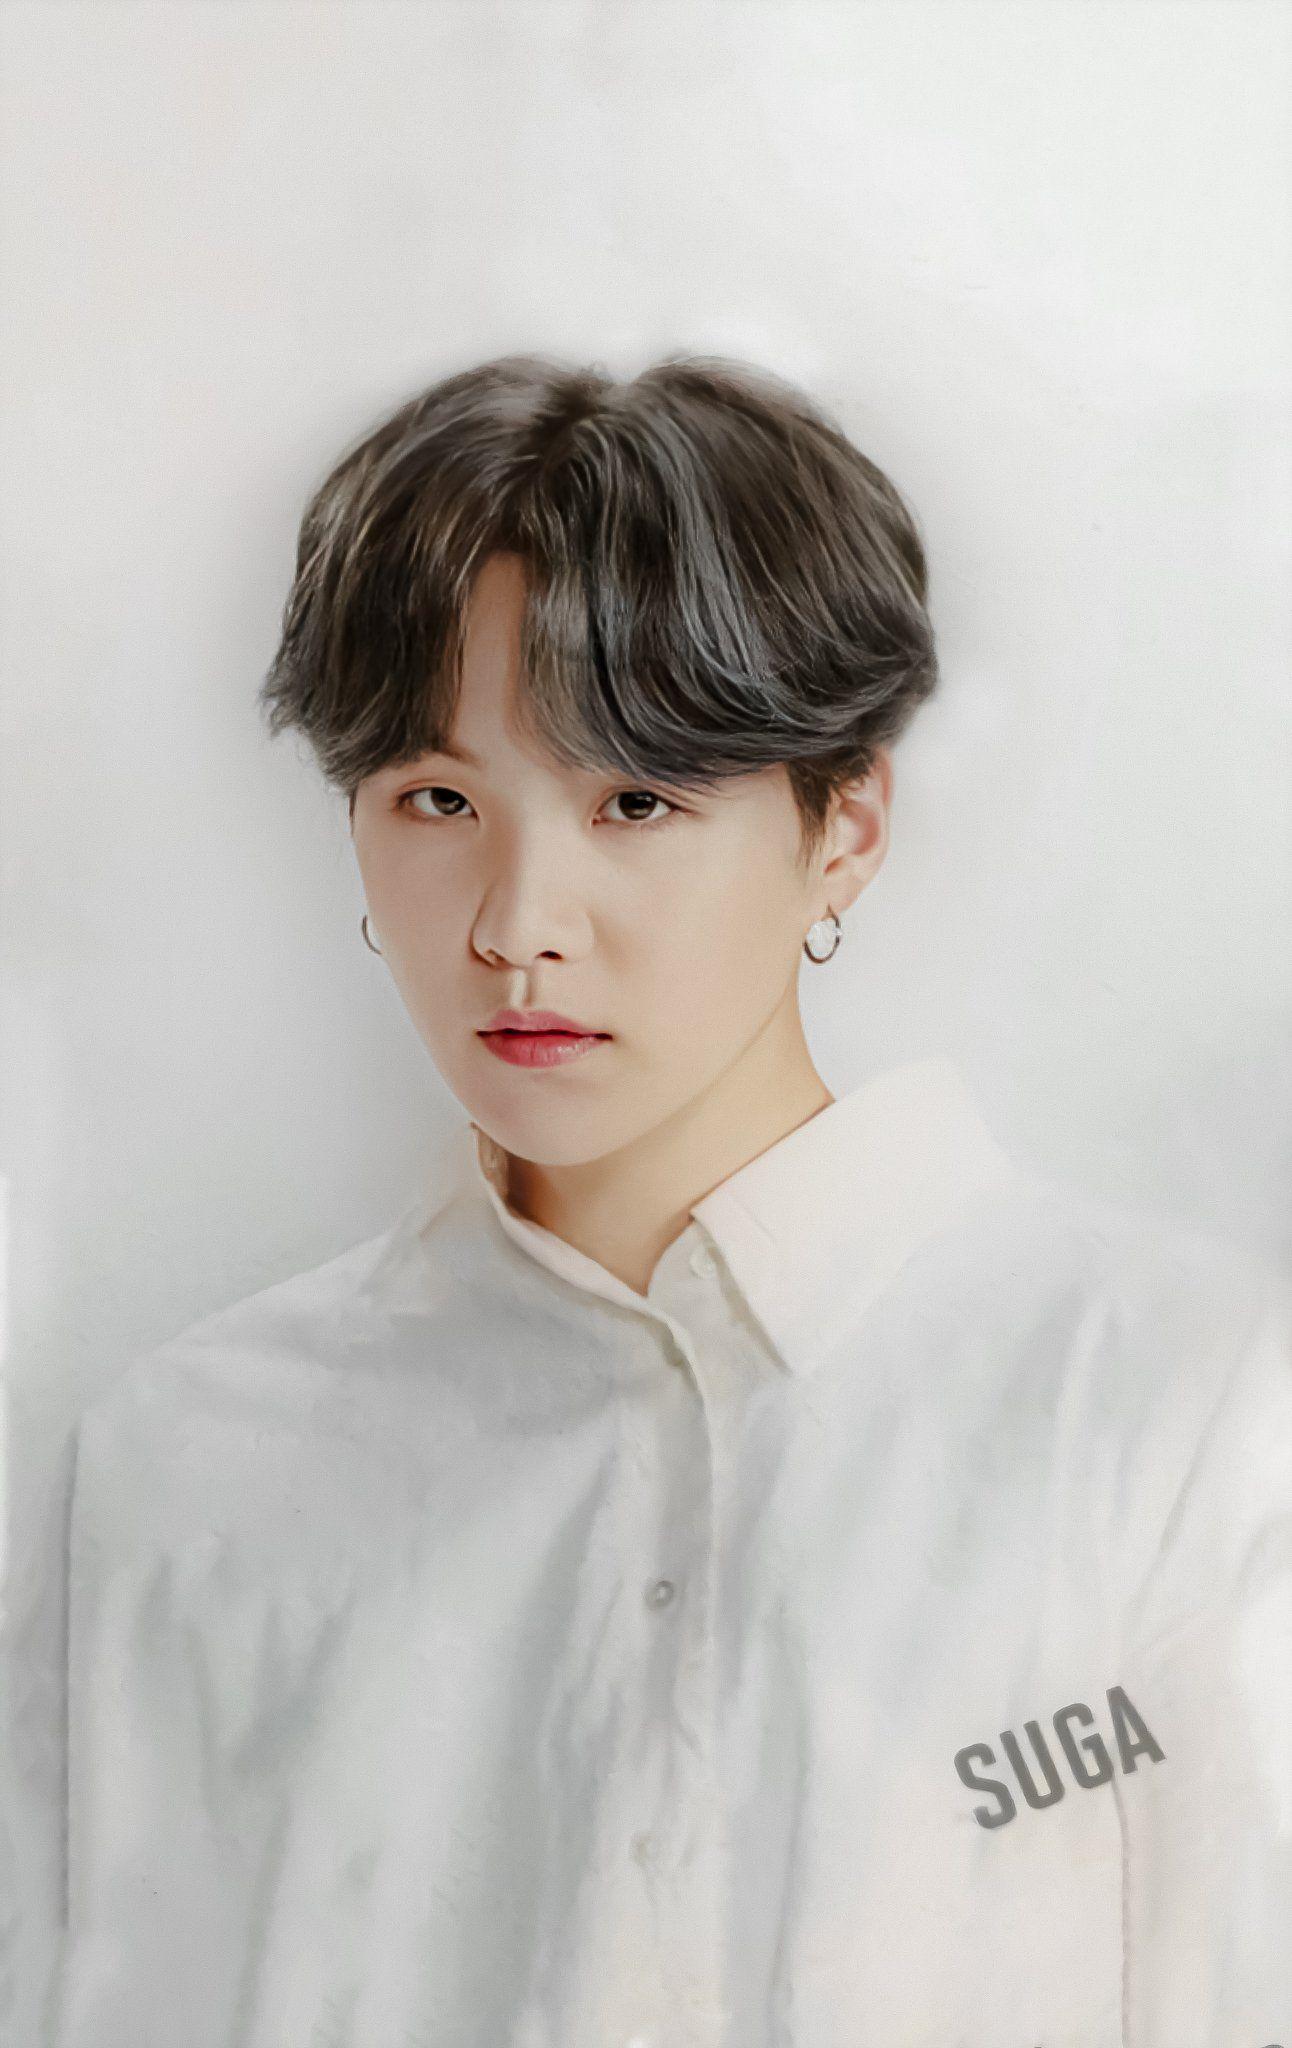 Bts Suga Wallpaper In 2020 Bts Suga Yoongi Min Yoongi Bts